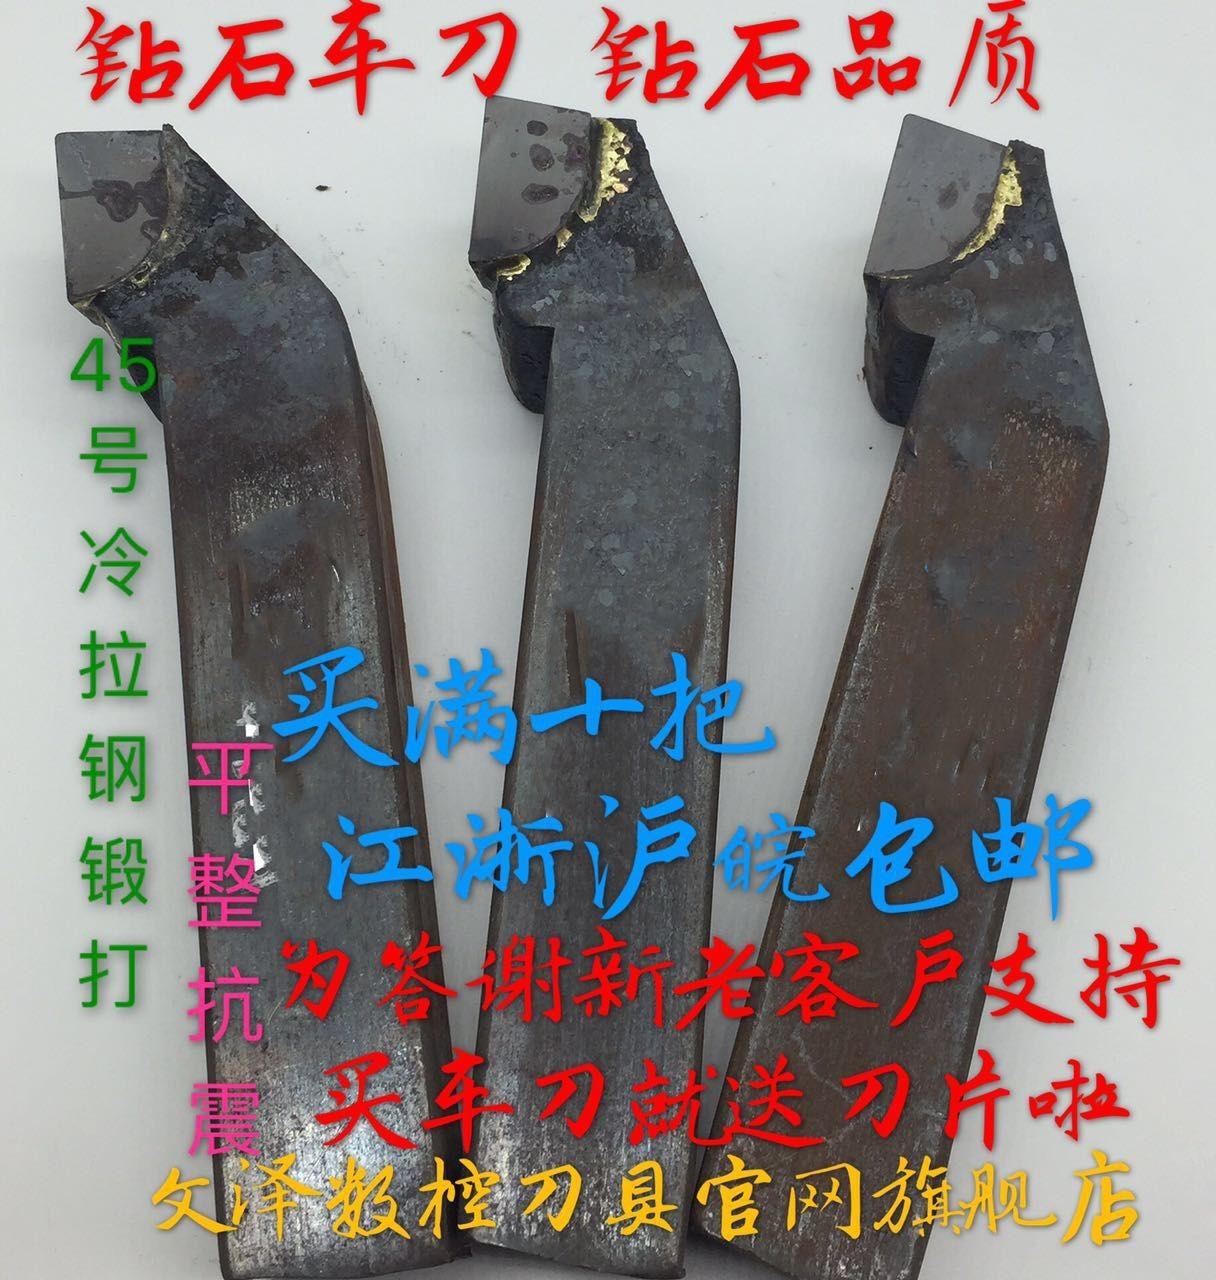 Инструмент для сварки сплавом обычный Токарный инструмент 20 квадратных 90 градусов 45 градусов YT15 / YG8 / YW1 /